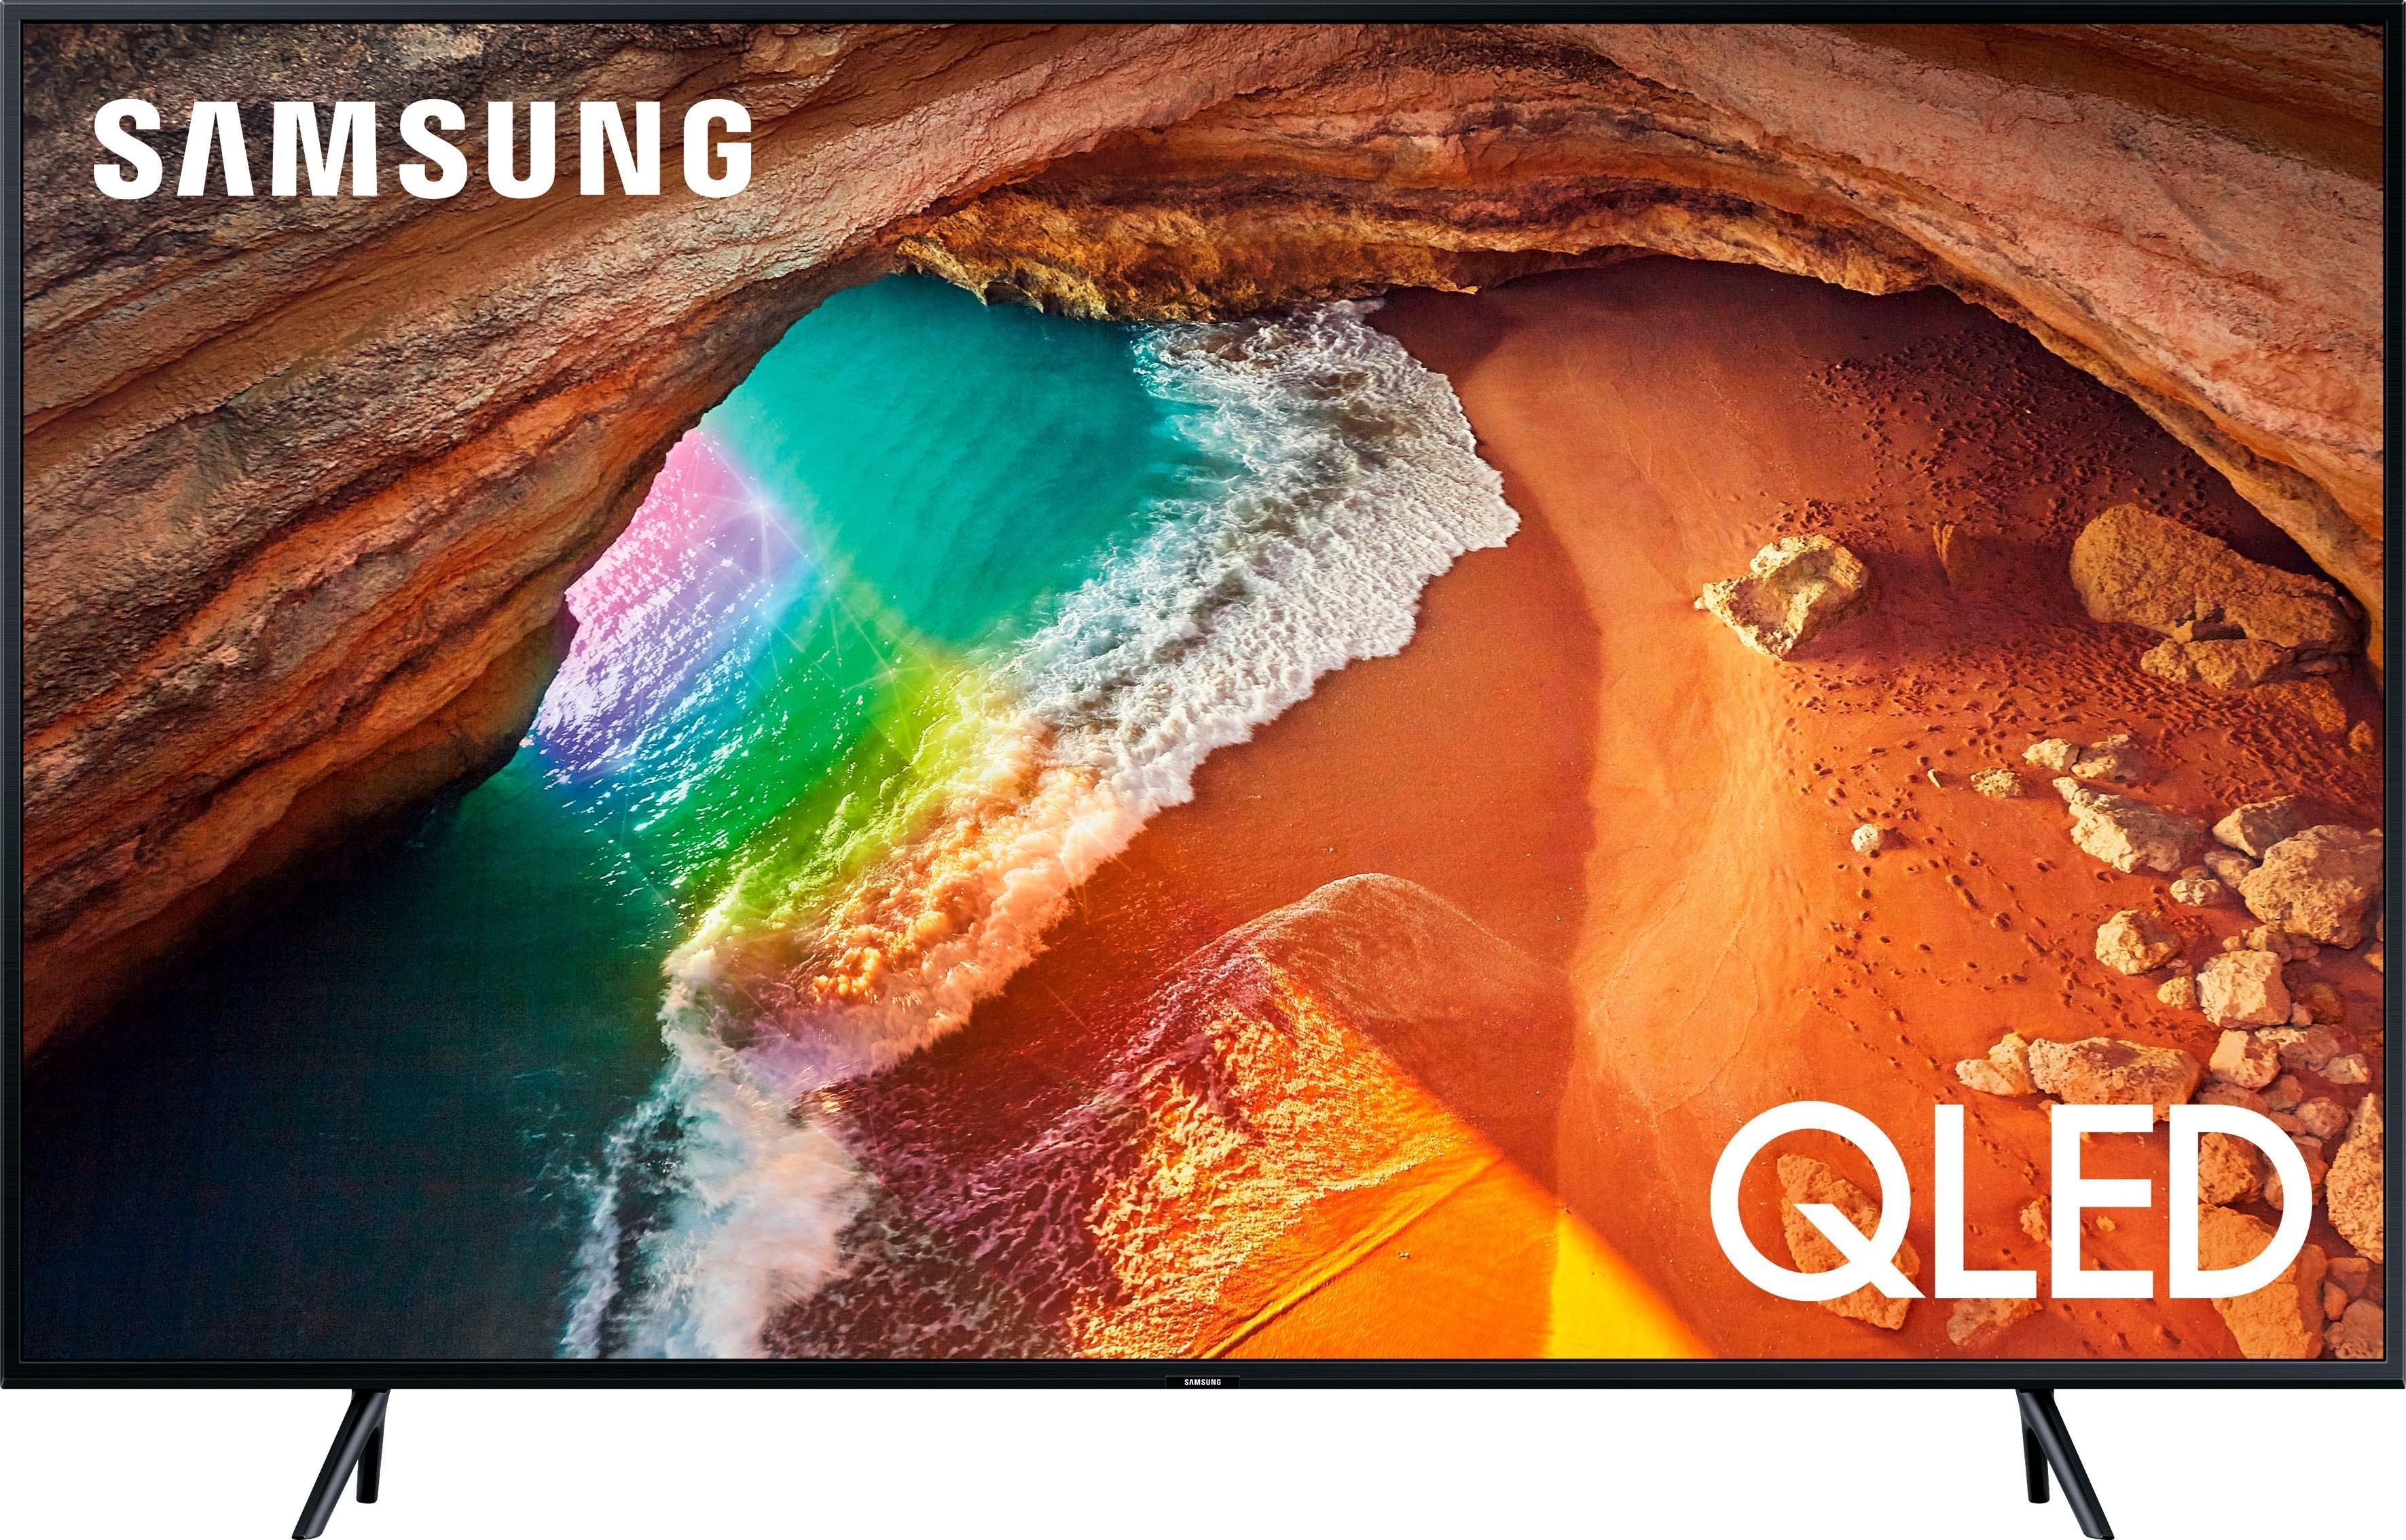 SAMSUNG GQ82Q60RGTXZG QLED-tv (207 cm / 82 inch), 4K Ultra HD, Smart-TV voordelig en veilig online kopen